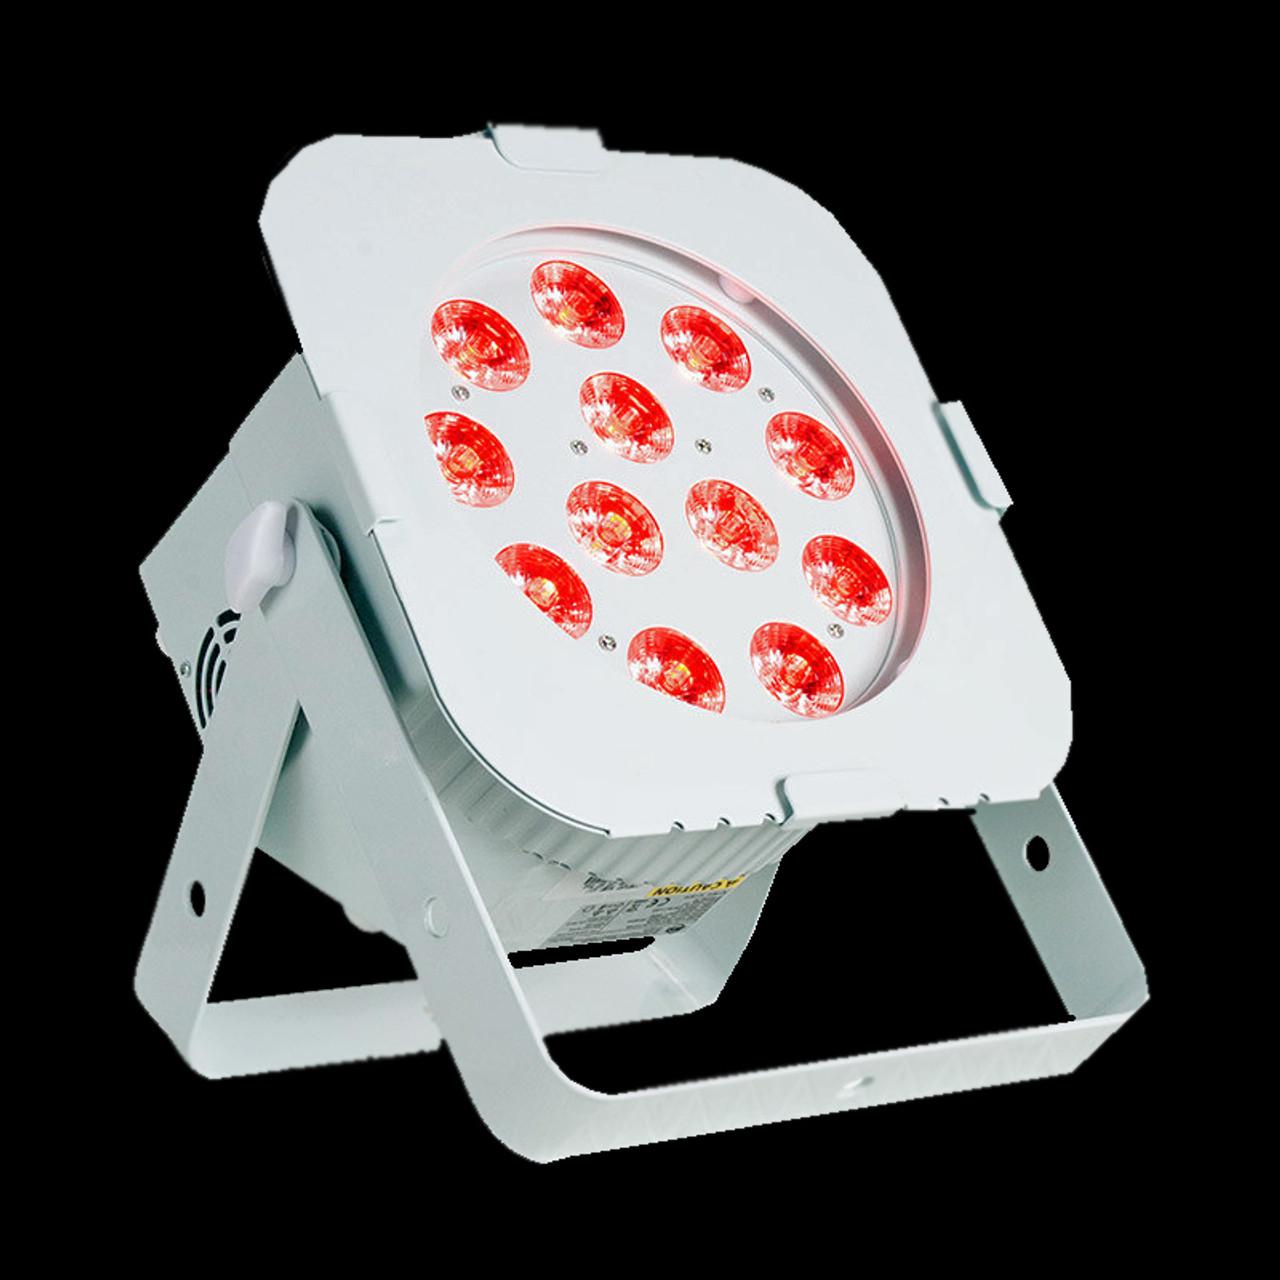 ADJ 12PX HEX  6-IN-1 HEX LED Par Can Light